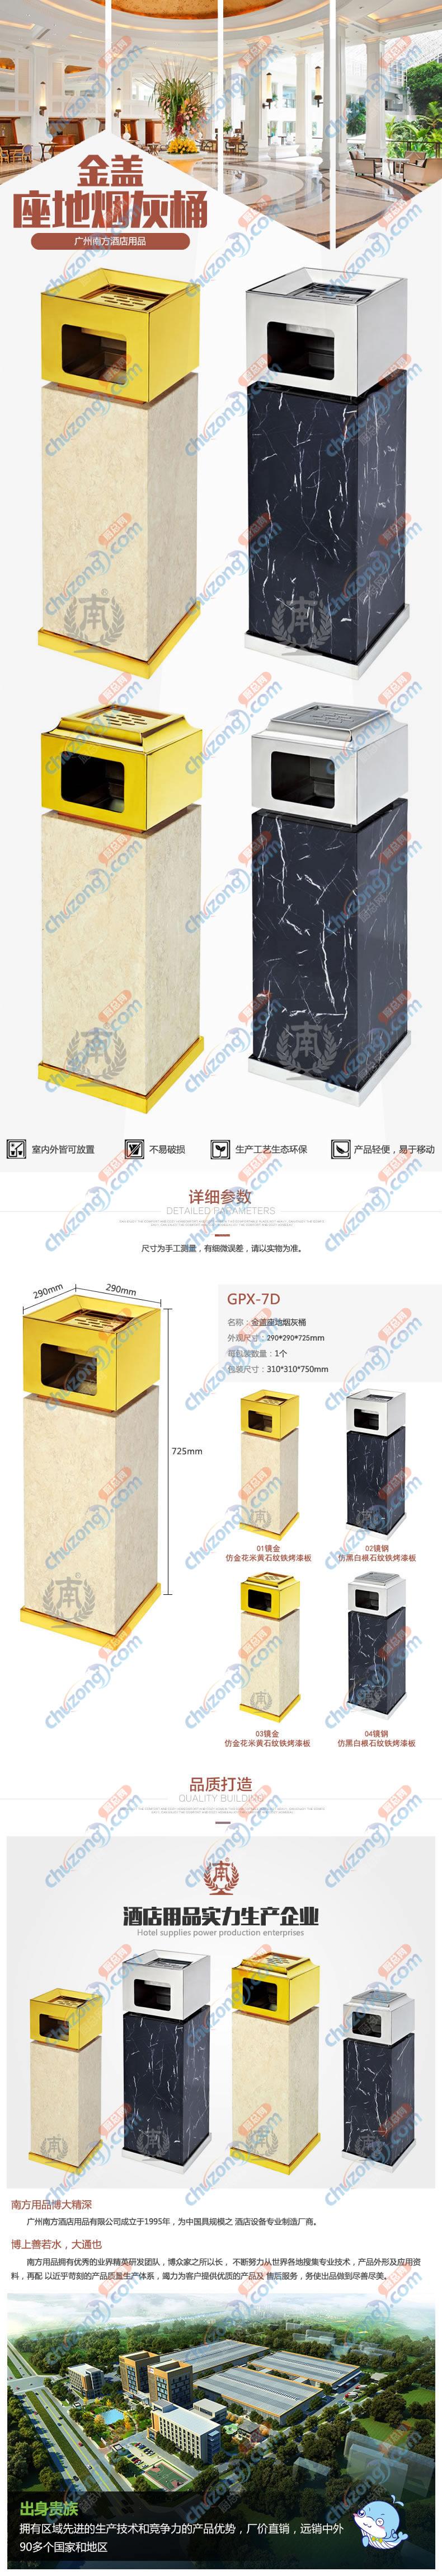 南方煙灰桶GPX-7D01/GPX-7D02/GPX-7D03/GPX-7D04詳情圖